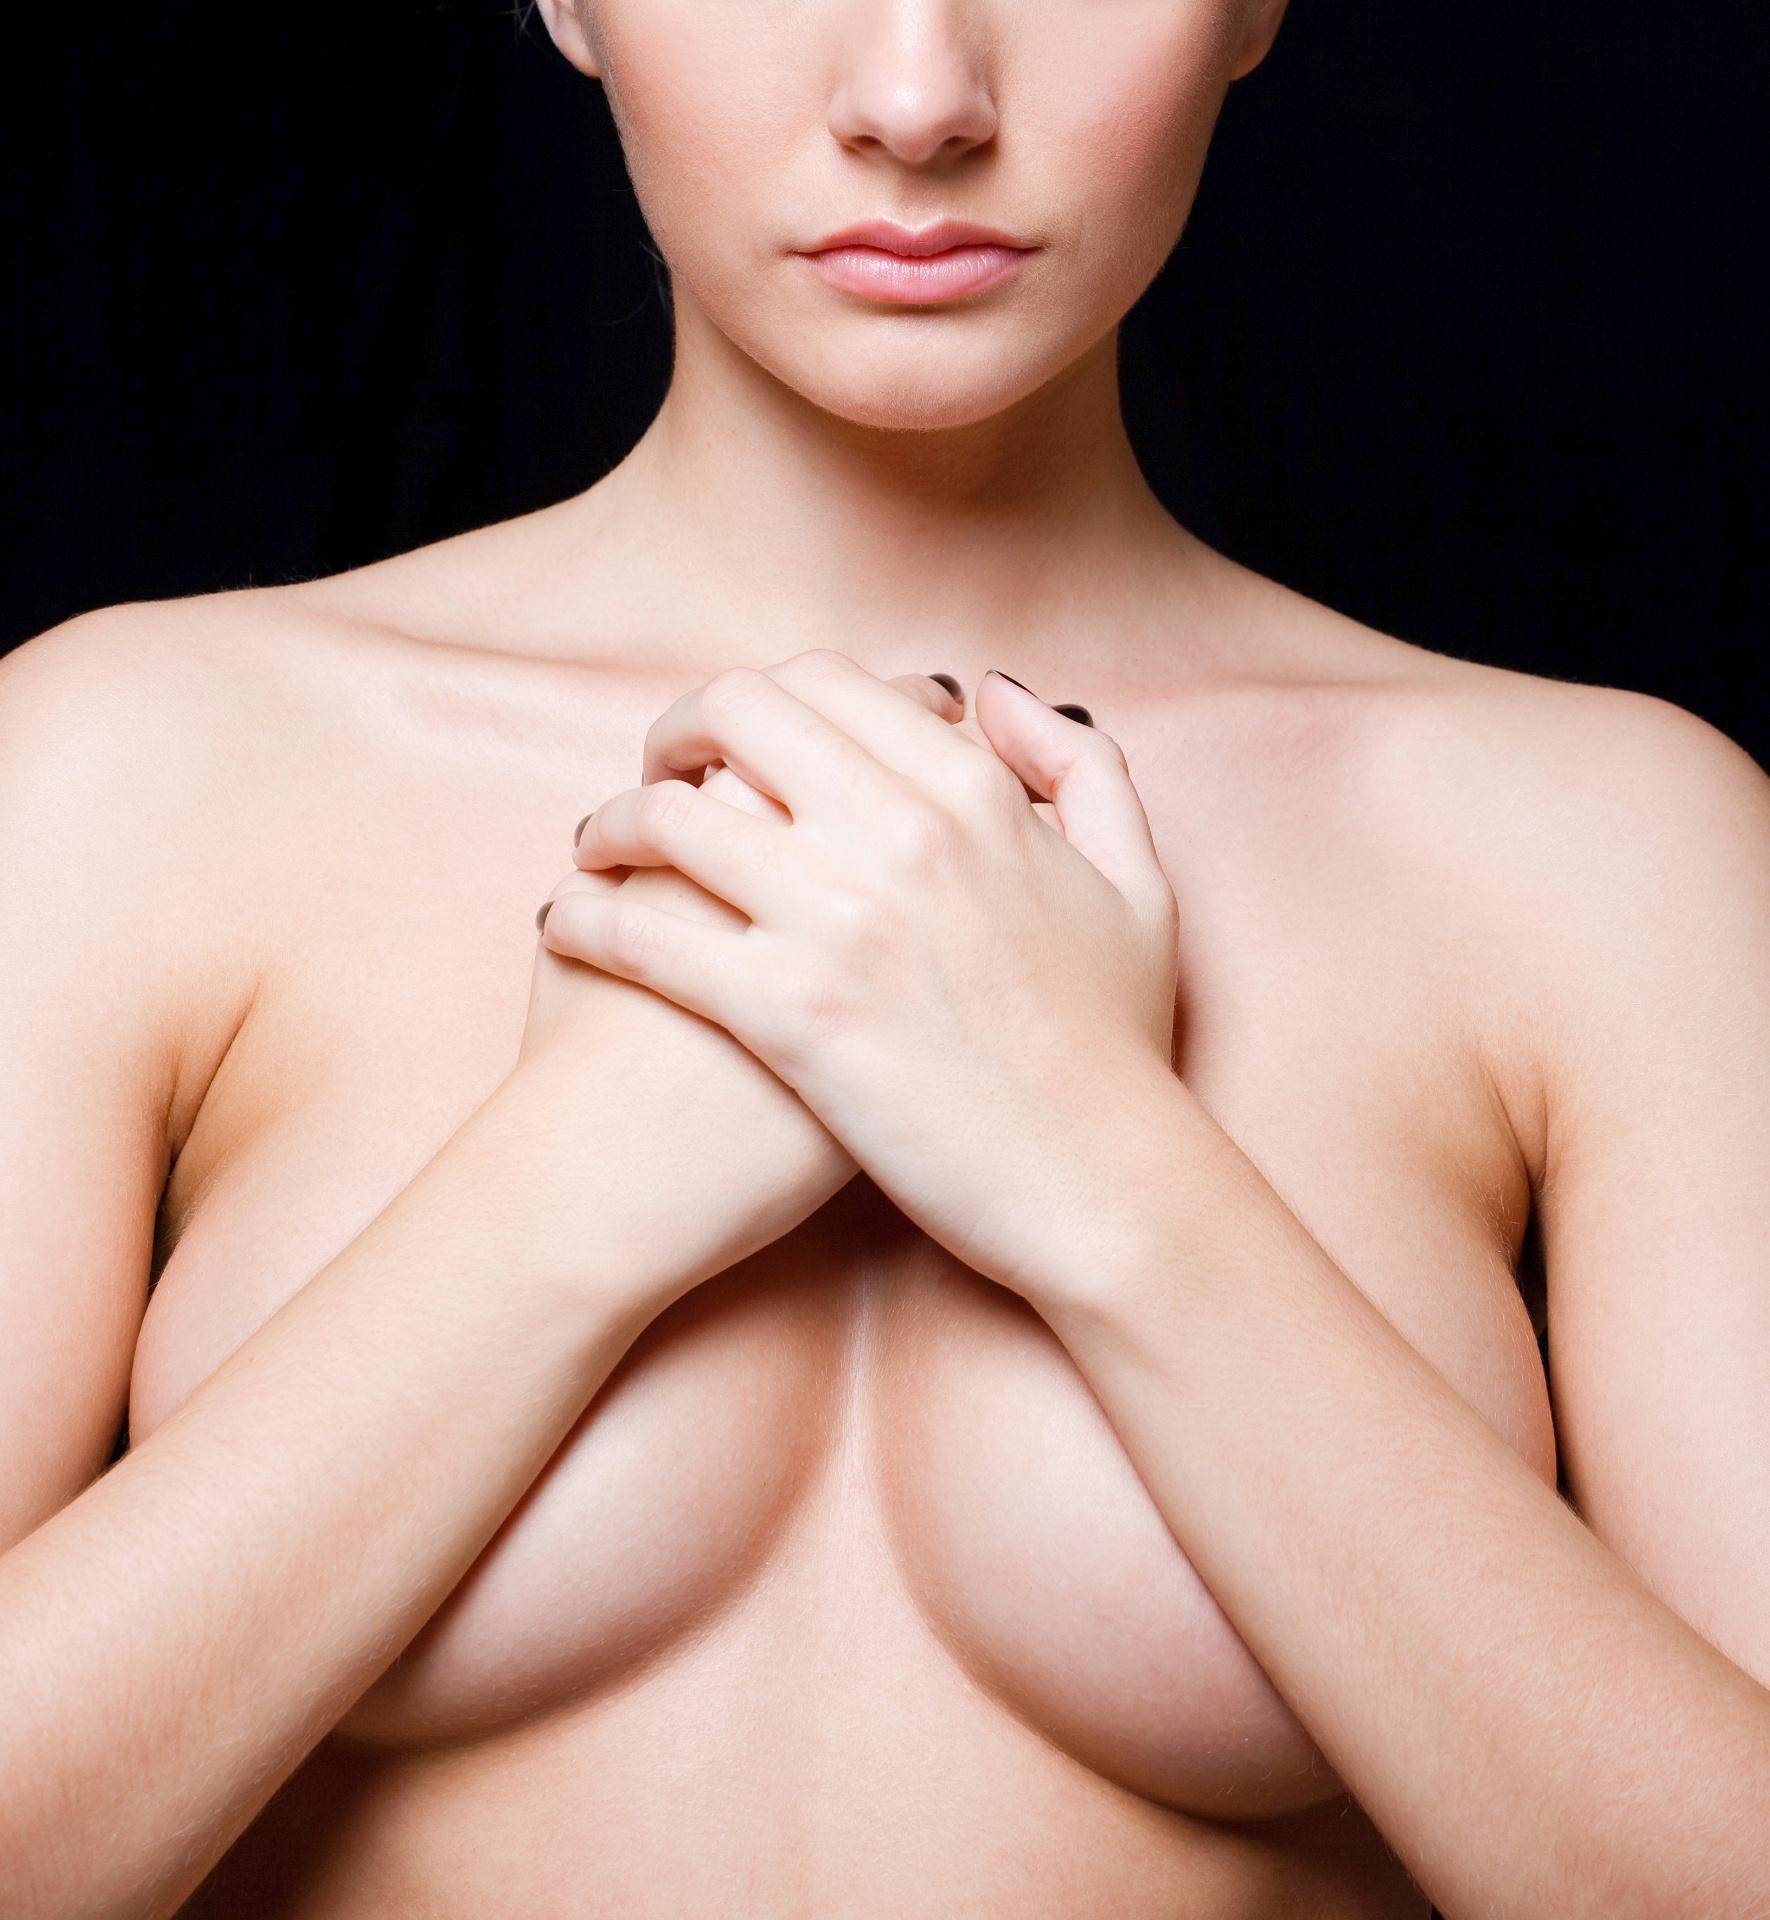 39a02f8a6 7 curiosidades sobre os seios que homens e mulheres precisam saber -  11 11 2015 - UOL Universa